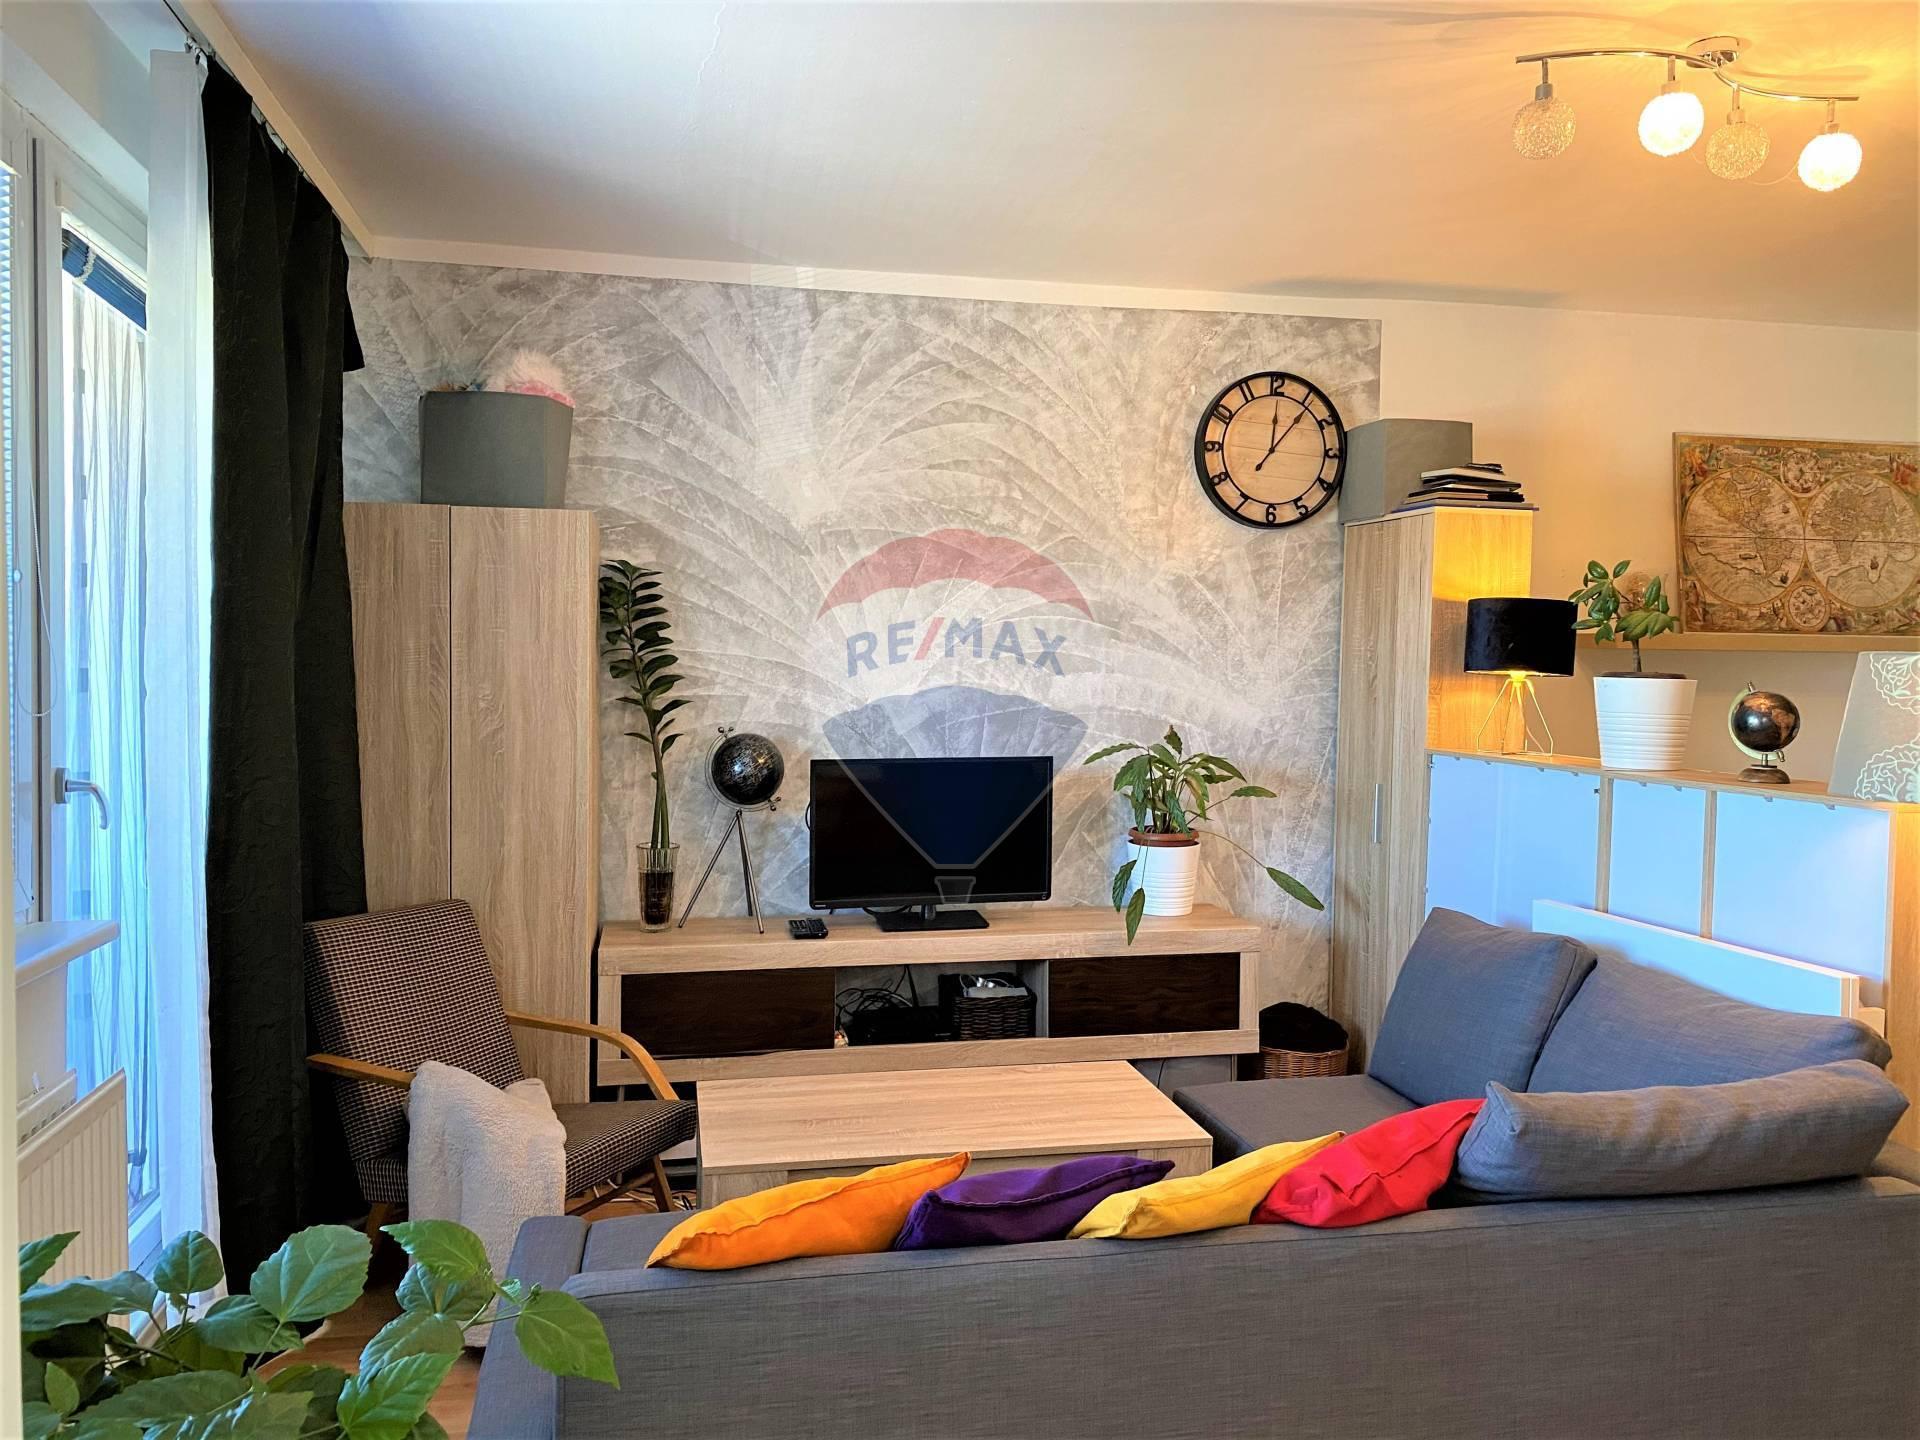 Predaj 1 izb. bytu v Devínskej Novej Vsi, ul. Pavla Horova, čiastočná rekonštrukcia